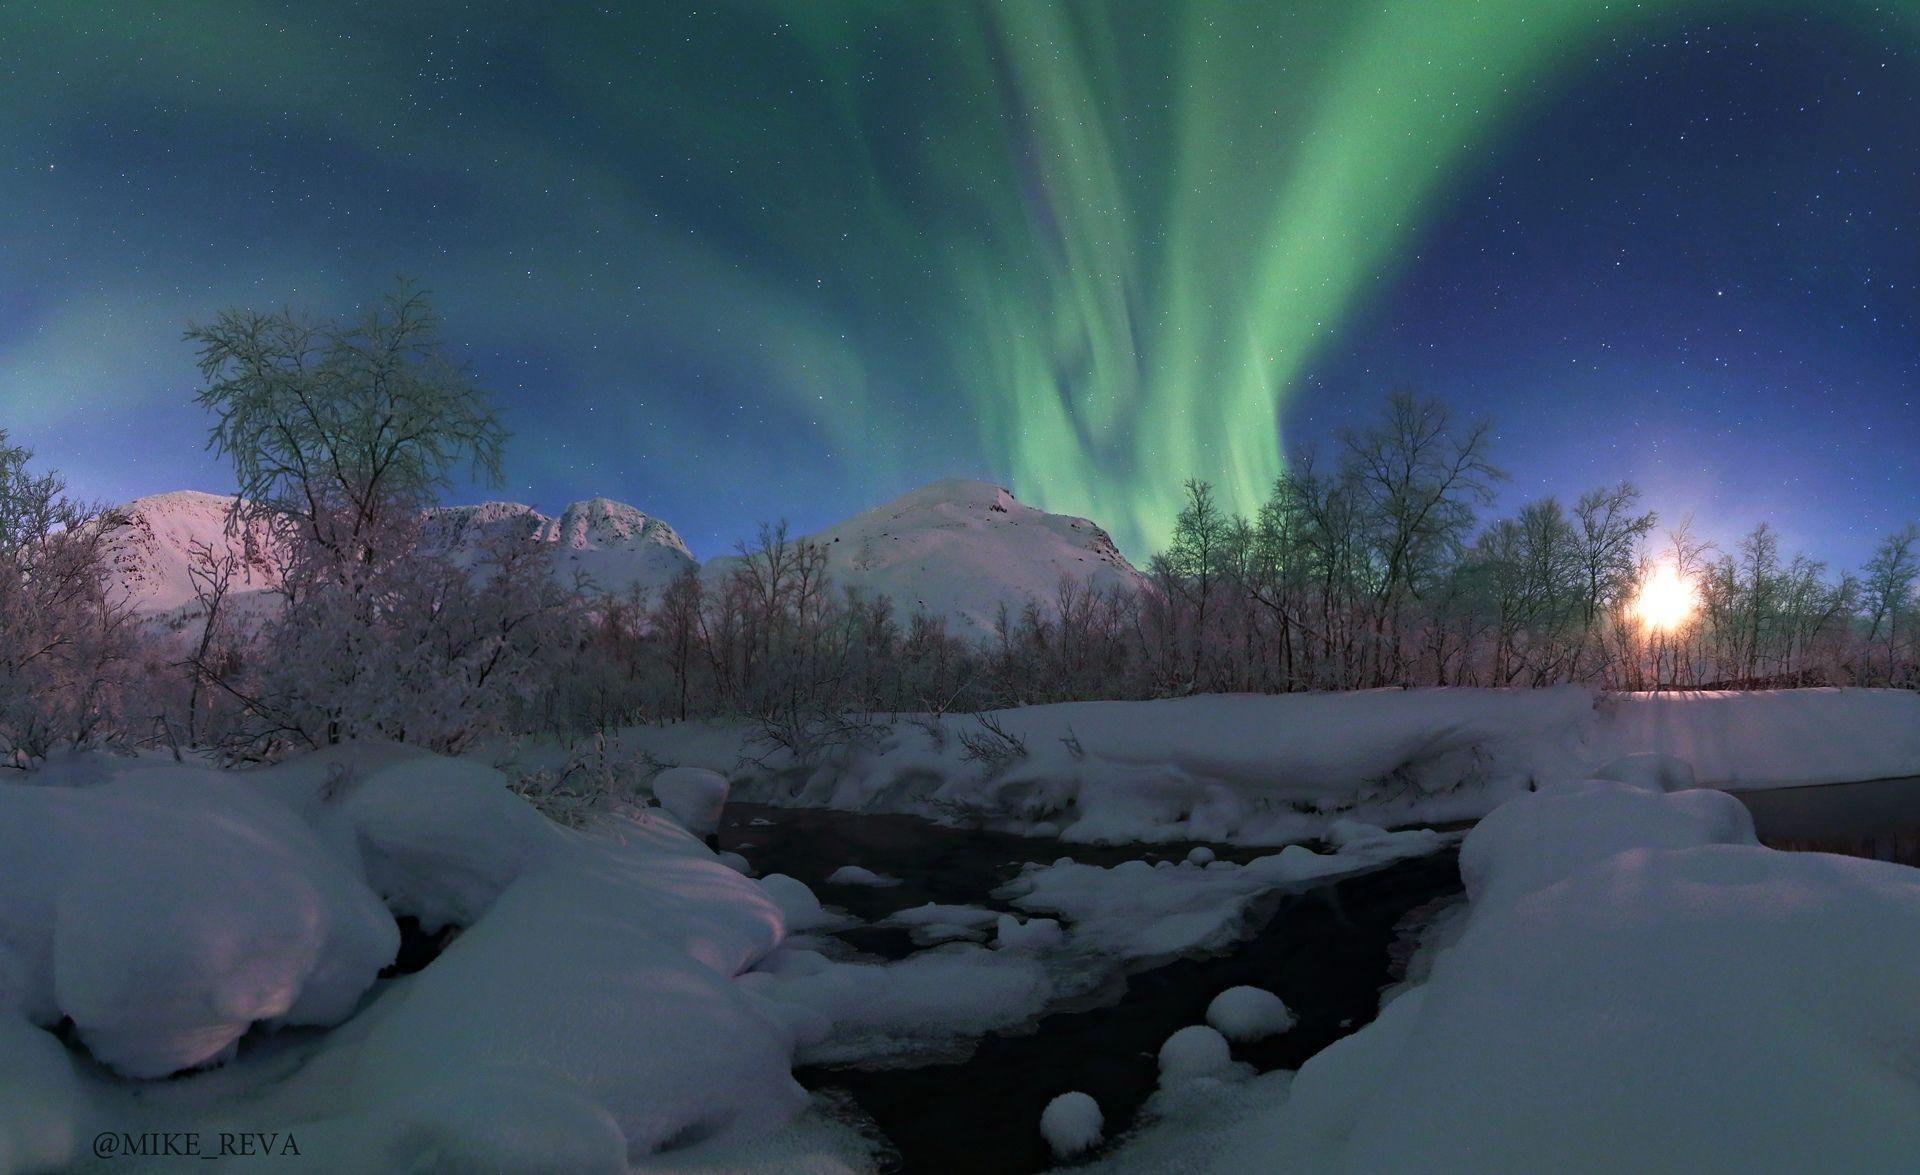 ночь ночной пейзаж астрофотография звезды созвездия хибины северное сияние, Рева Михаил